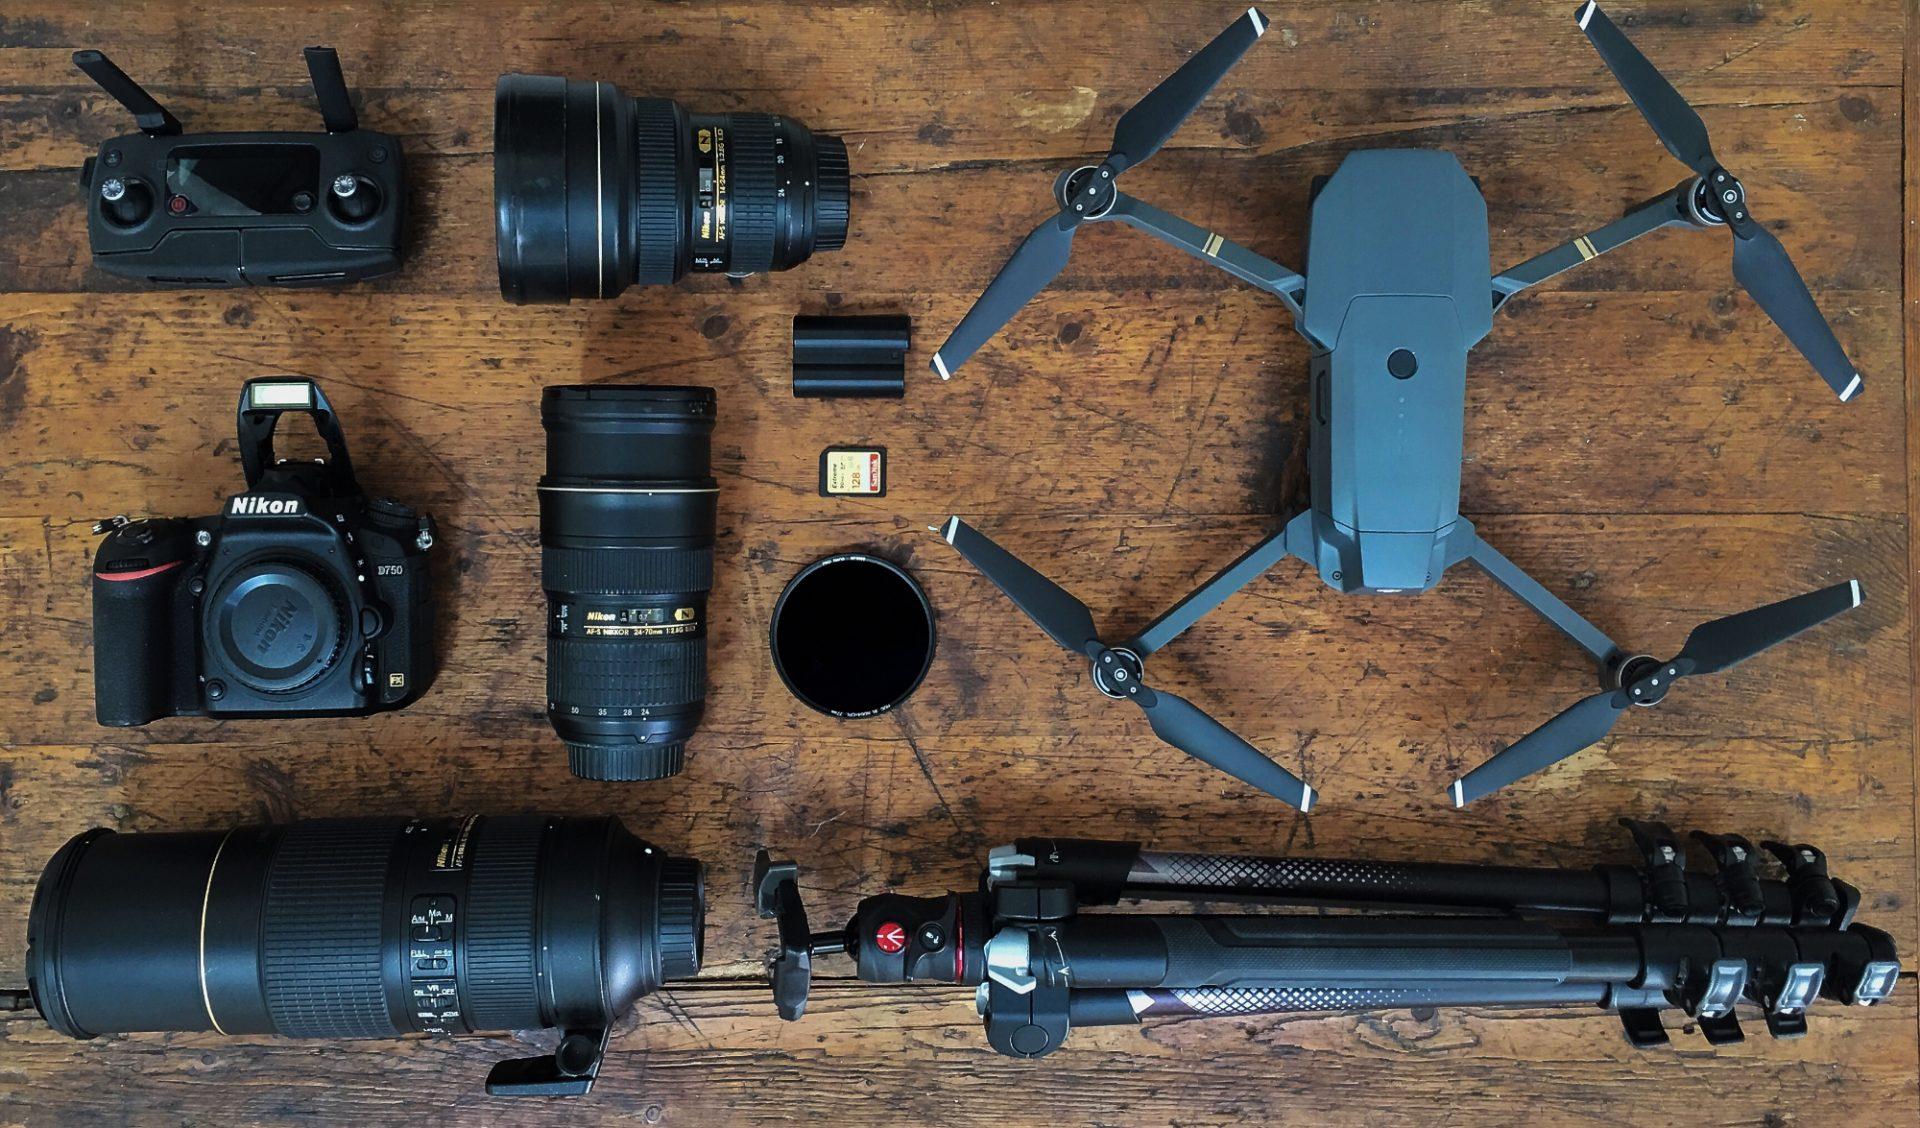 Equipement de drone de Marc Mondange